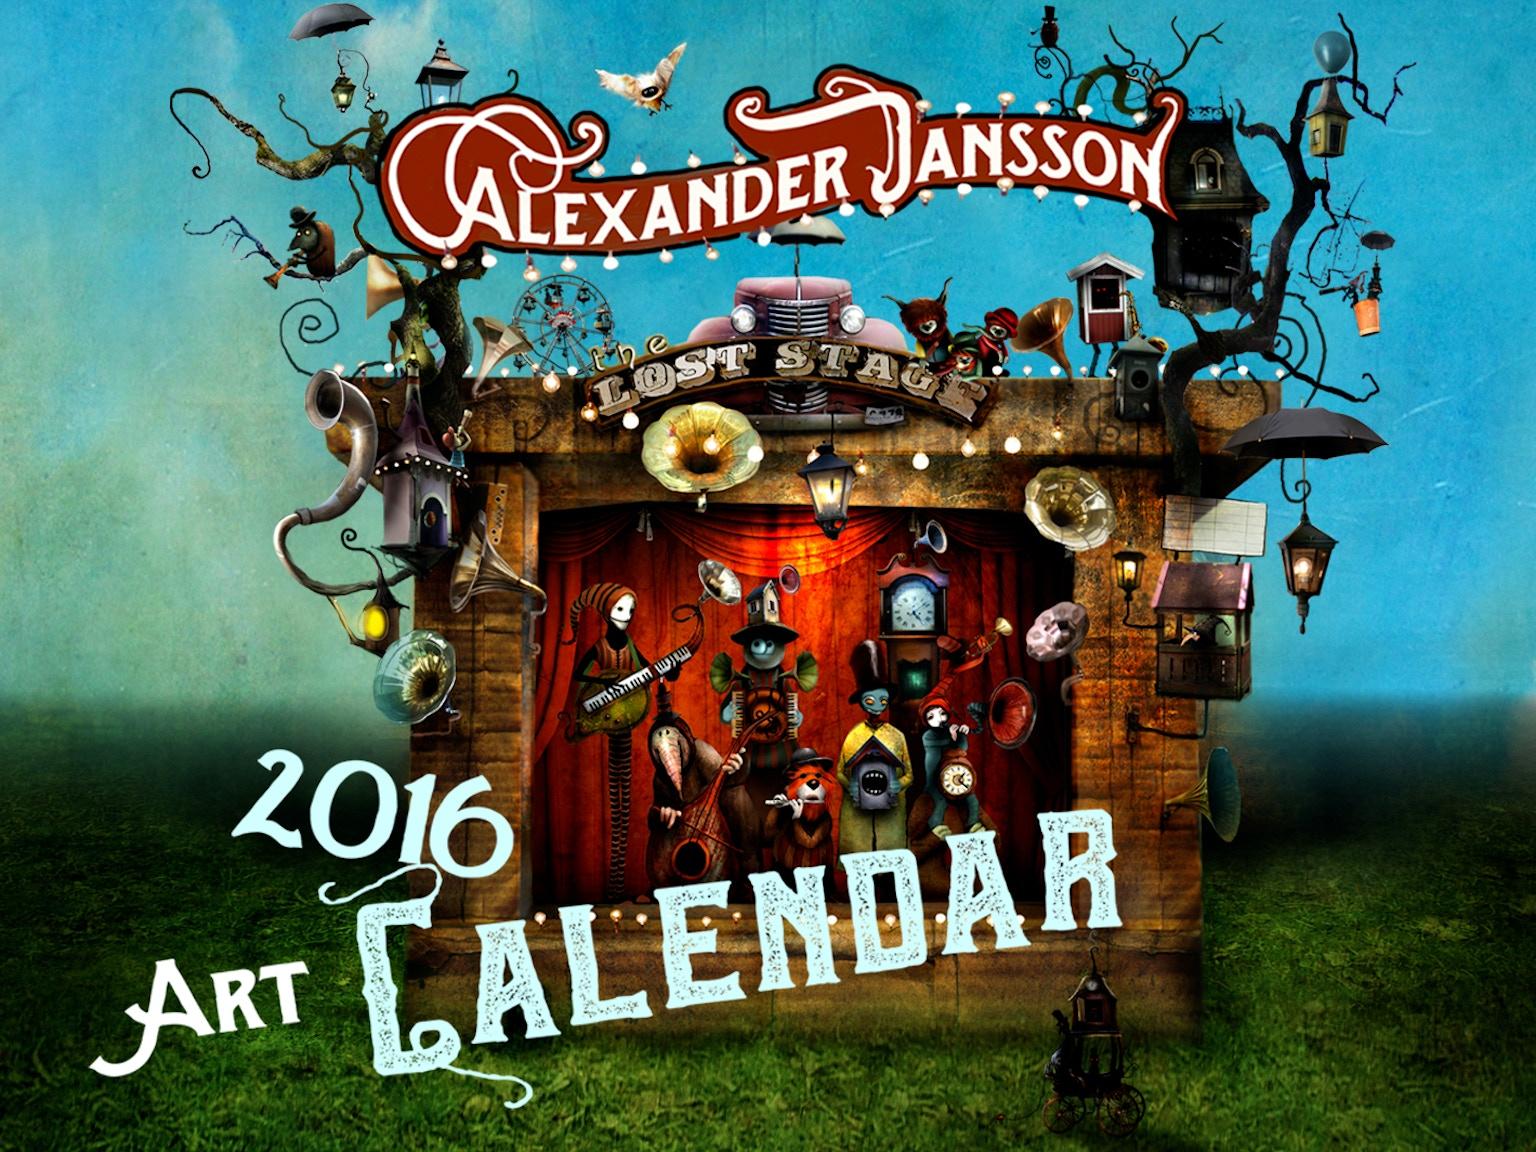 Art Reach Calendar : Alexander jansson art calendar by